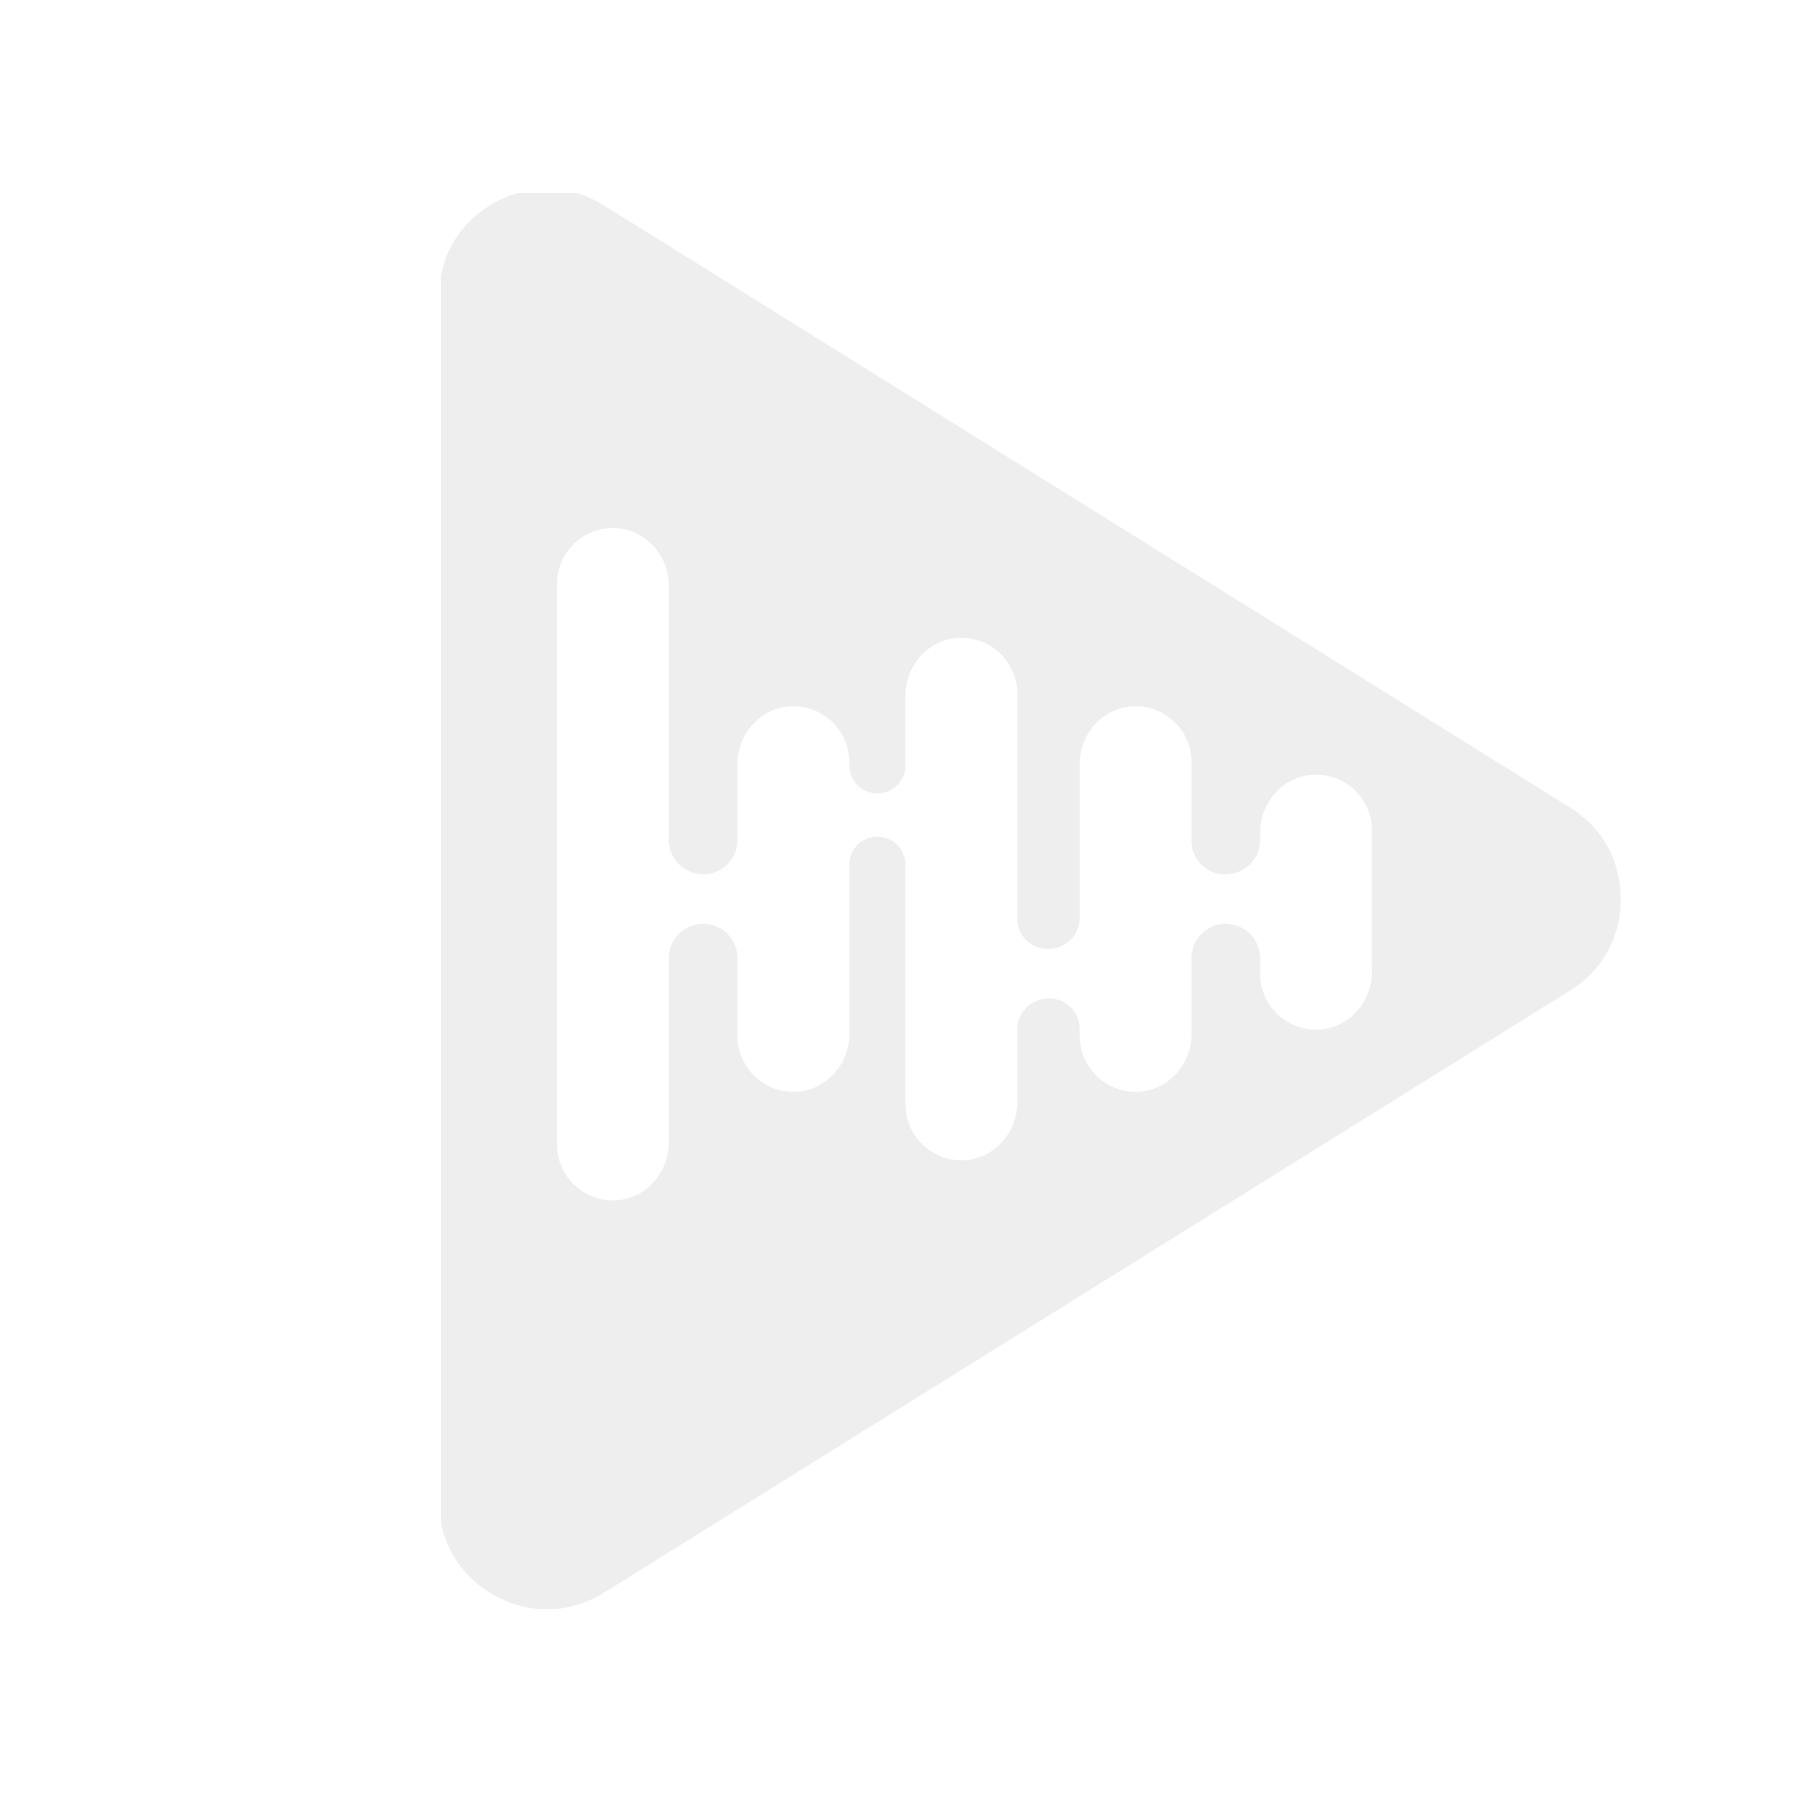 Metra AXADFD02 - Kabelsett til AXADBOX1/2 - US Ford ('12 >)